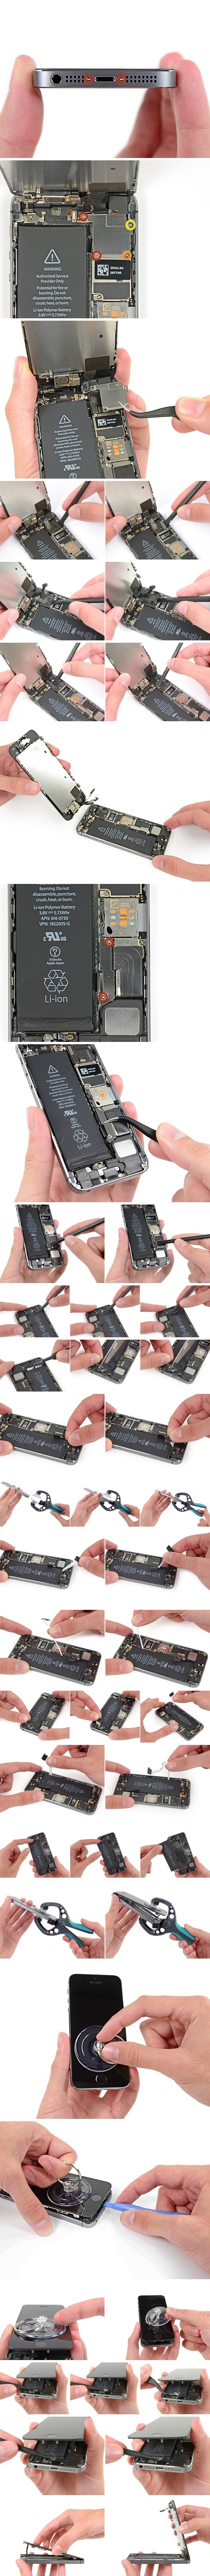 Как заменить батарею iPhone 5S (аккумулятор). По шагам фото и видео инструкция